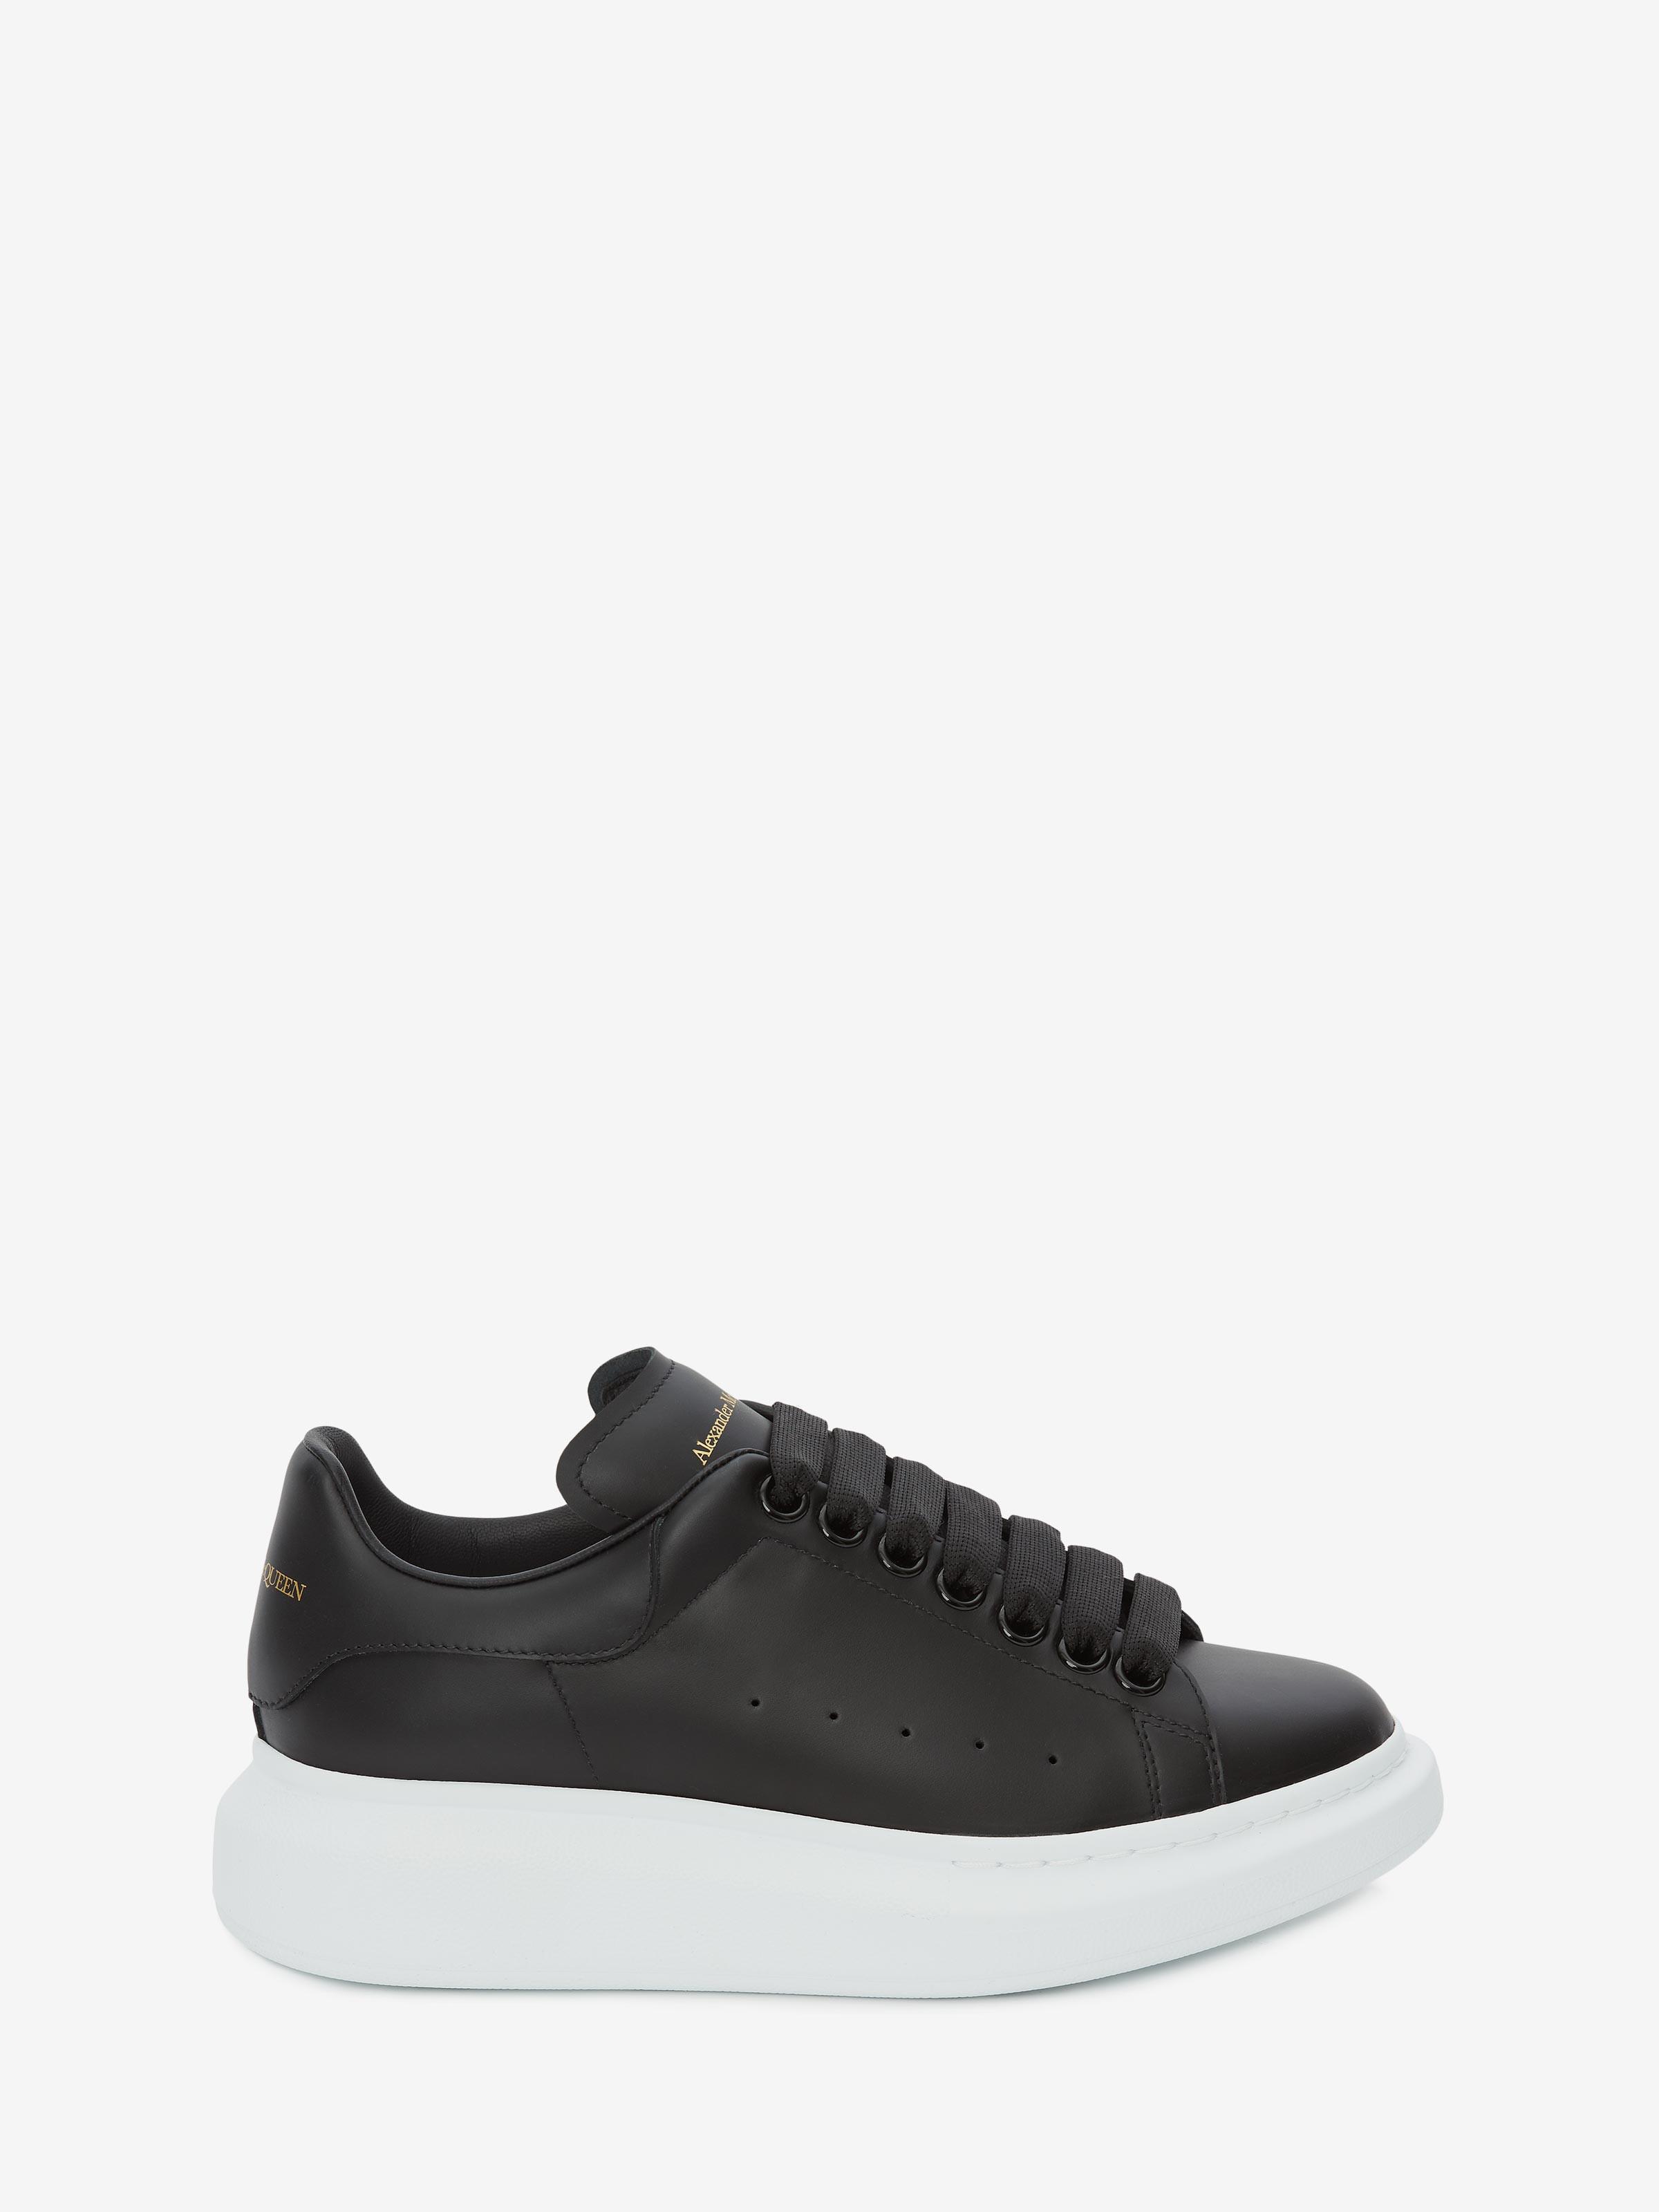 Alexander Mcqueen Low-top Sneakers Larry Calfskin Logo Black